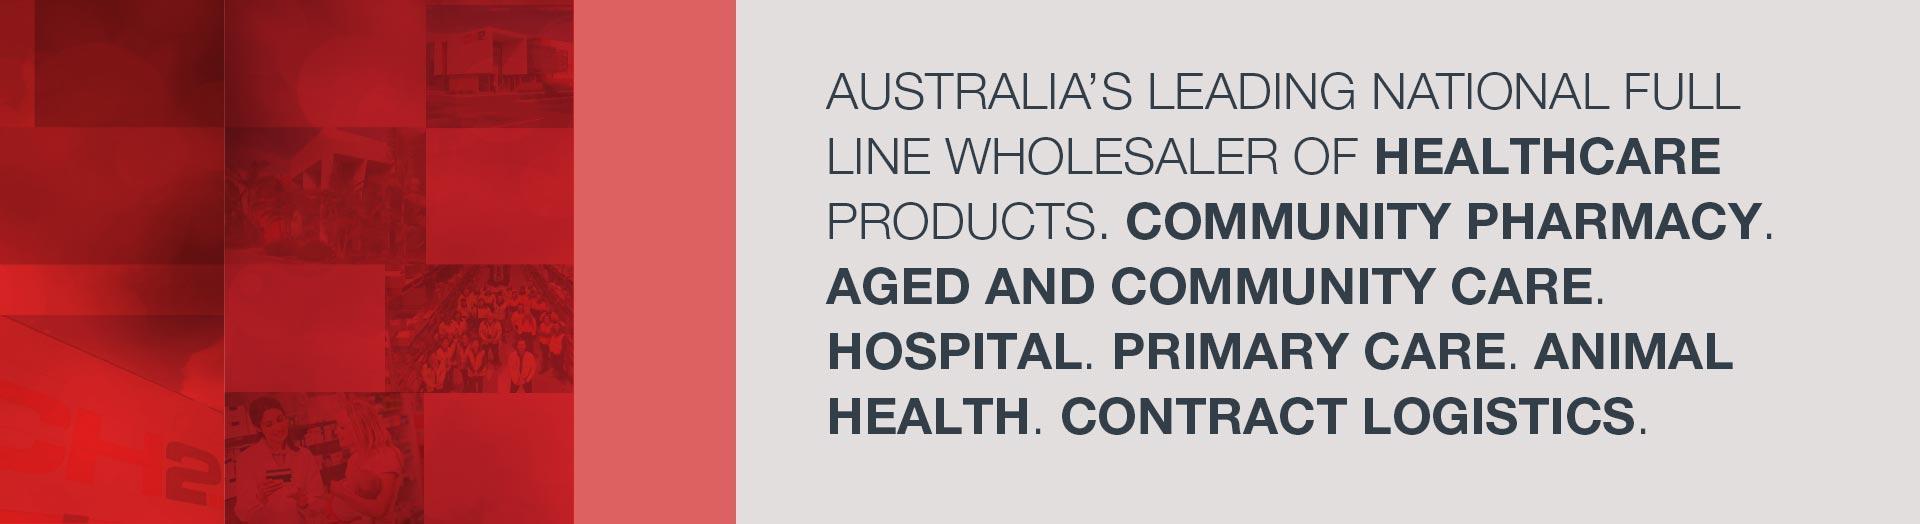 CH2 Australia's leading national full line wholesaler